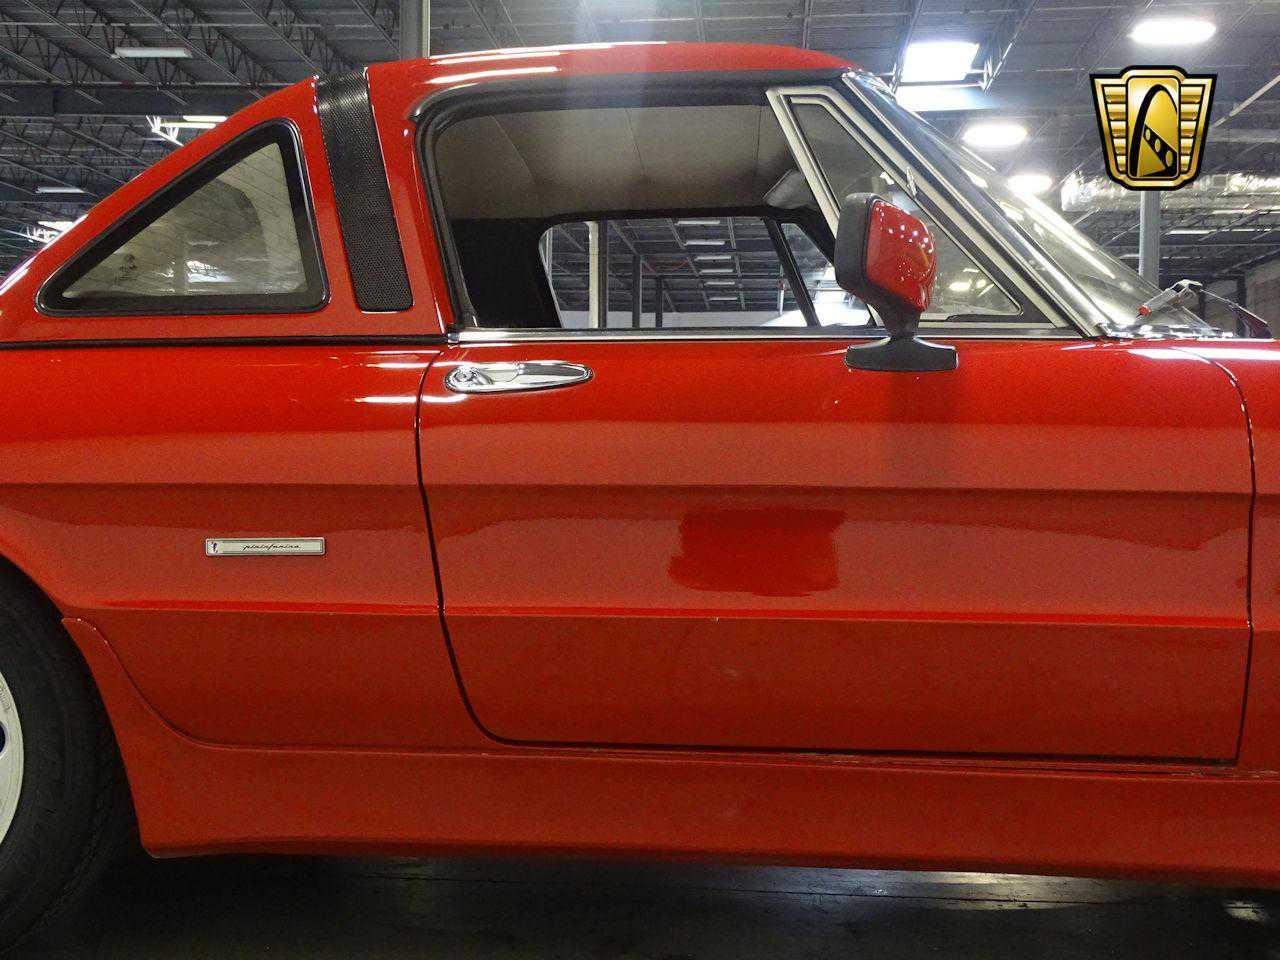 1989 Alfa Romeo Spider For Sale In West Deptford Nj Zarba5568k1064791